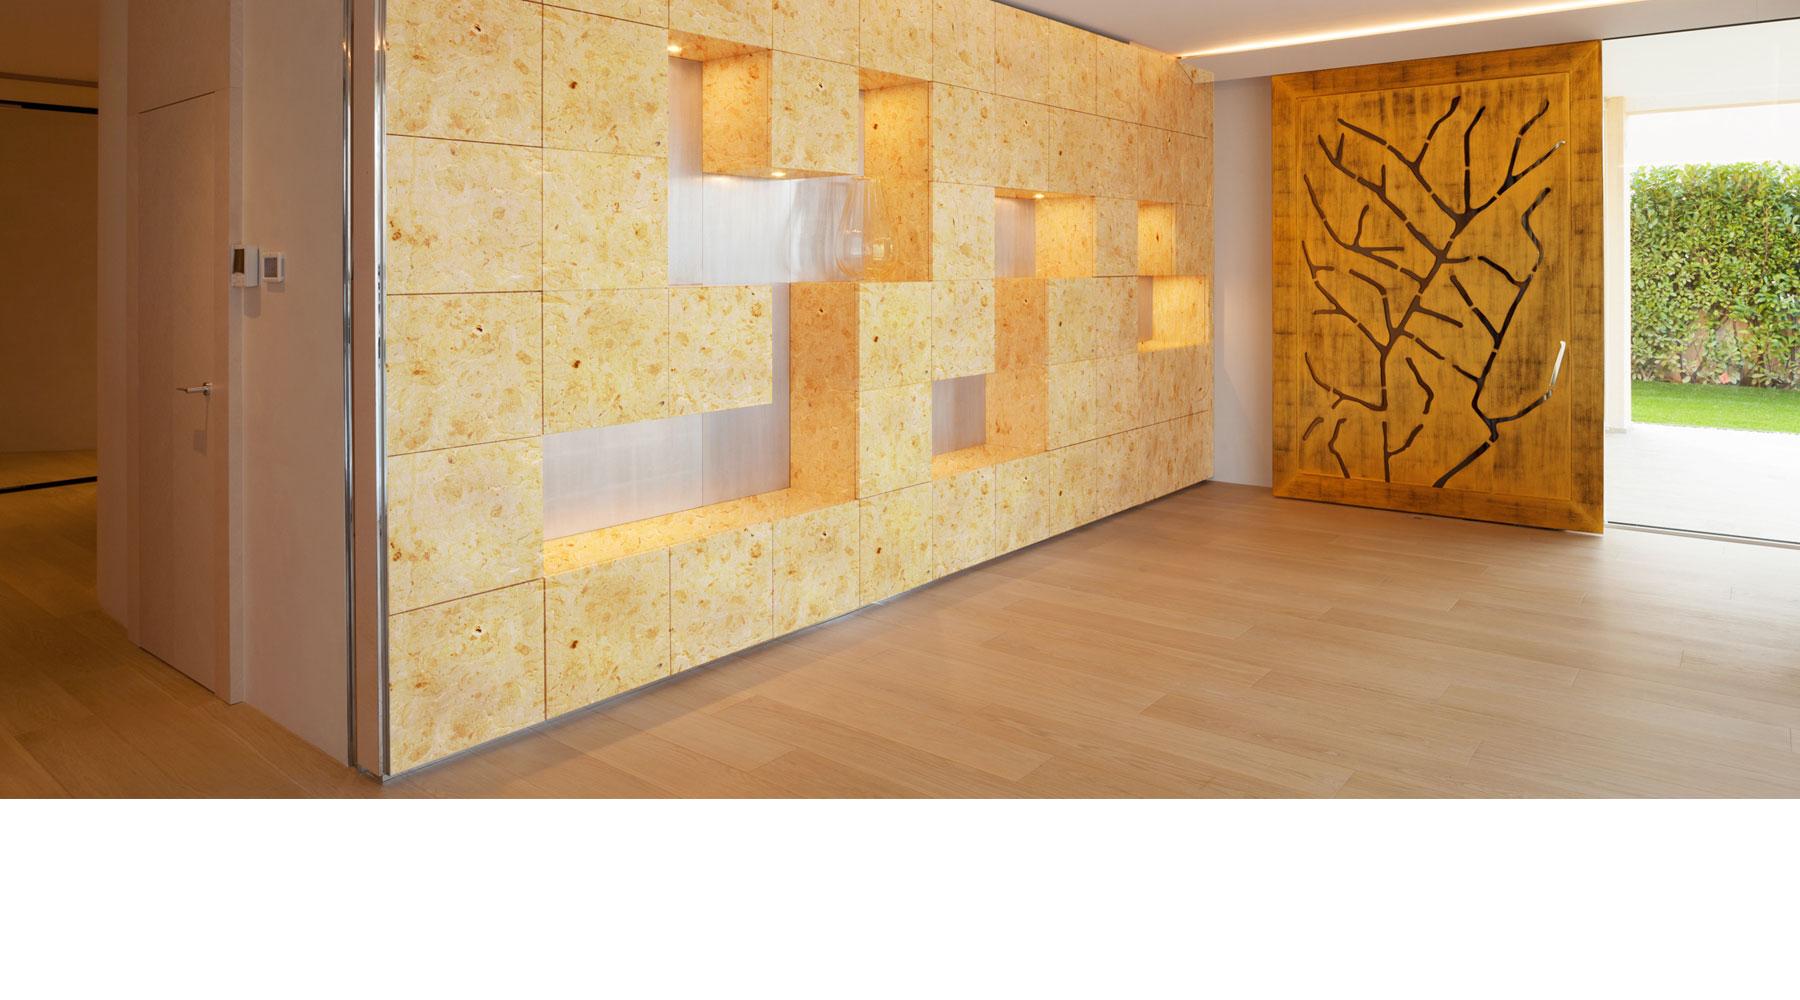 Fabricantes de laminado de cantera recinto m rmol for Cosas hechas con marmol